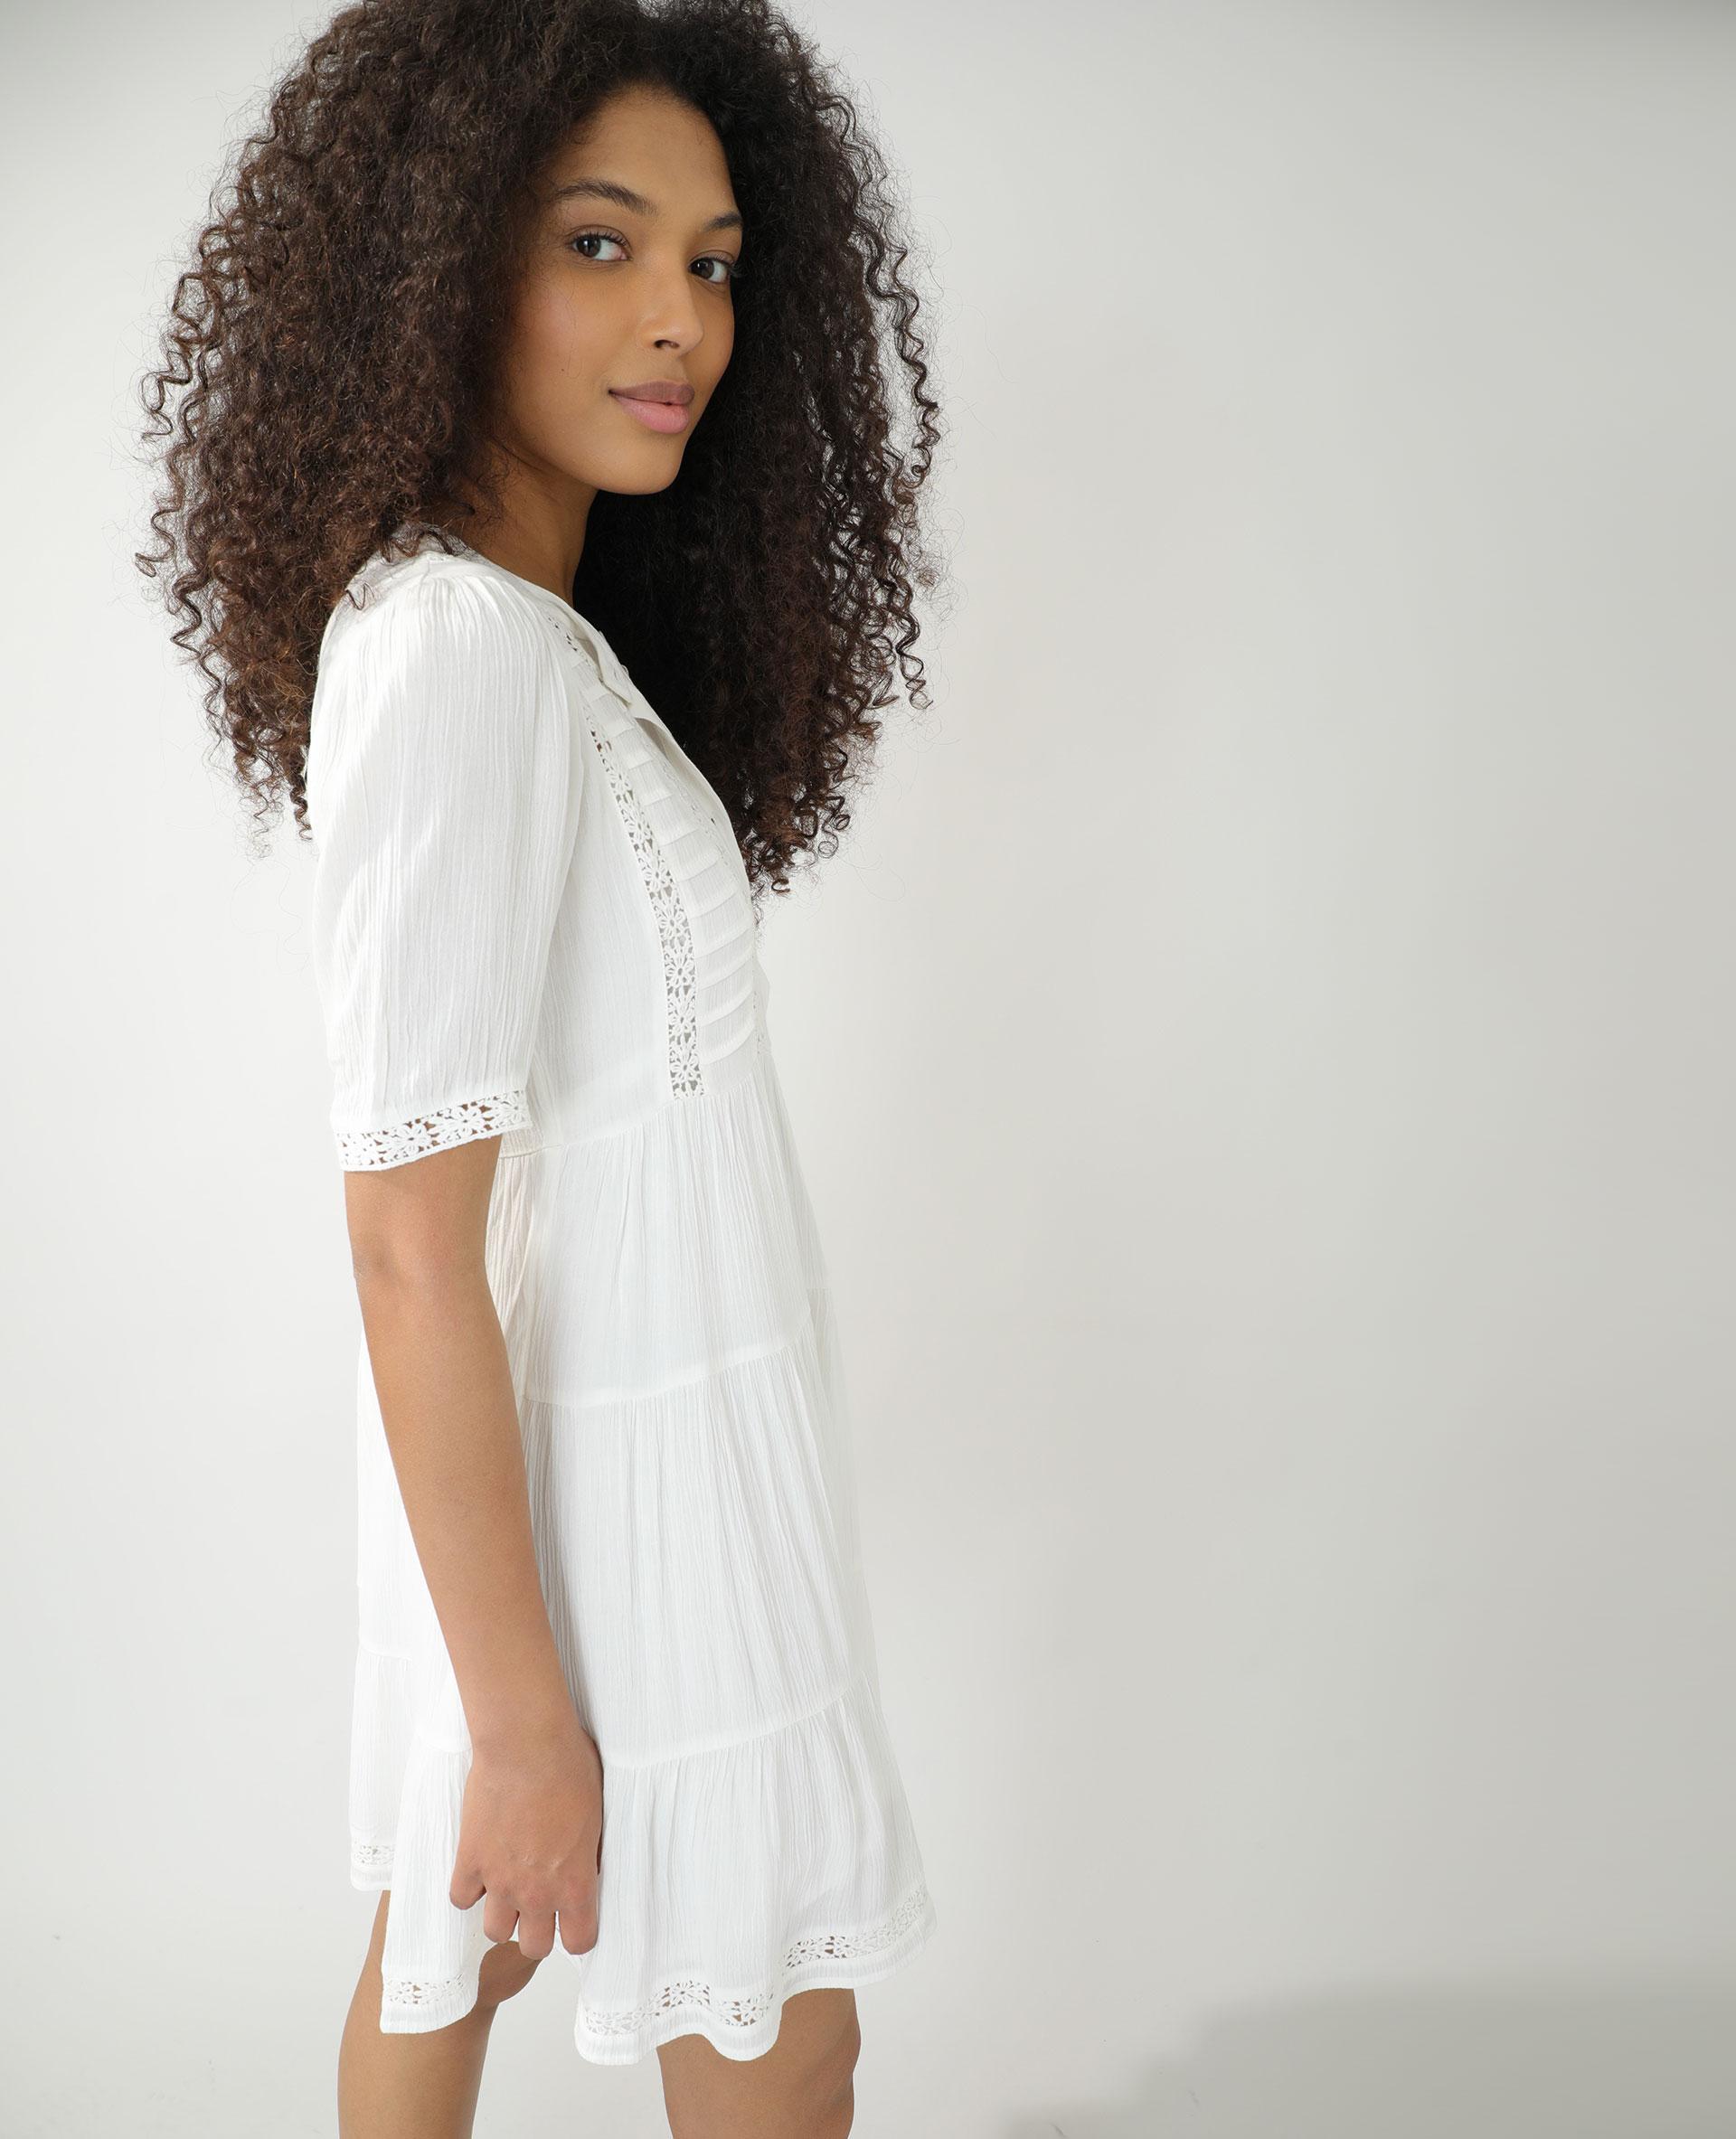 Robe avec guipure blanc cassé - Pimkie